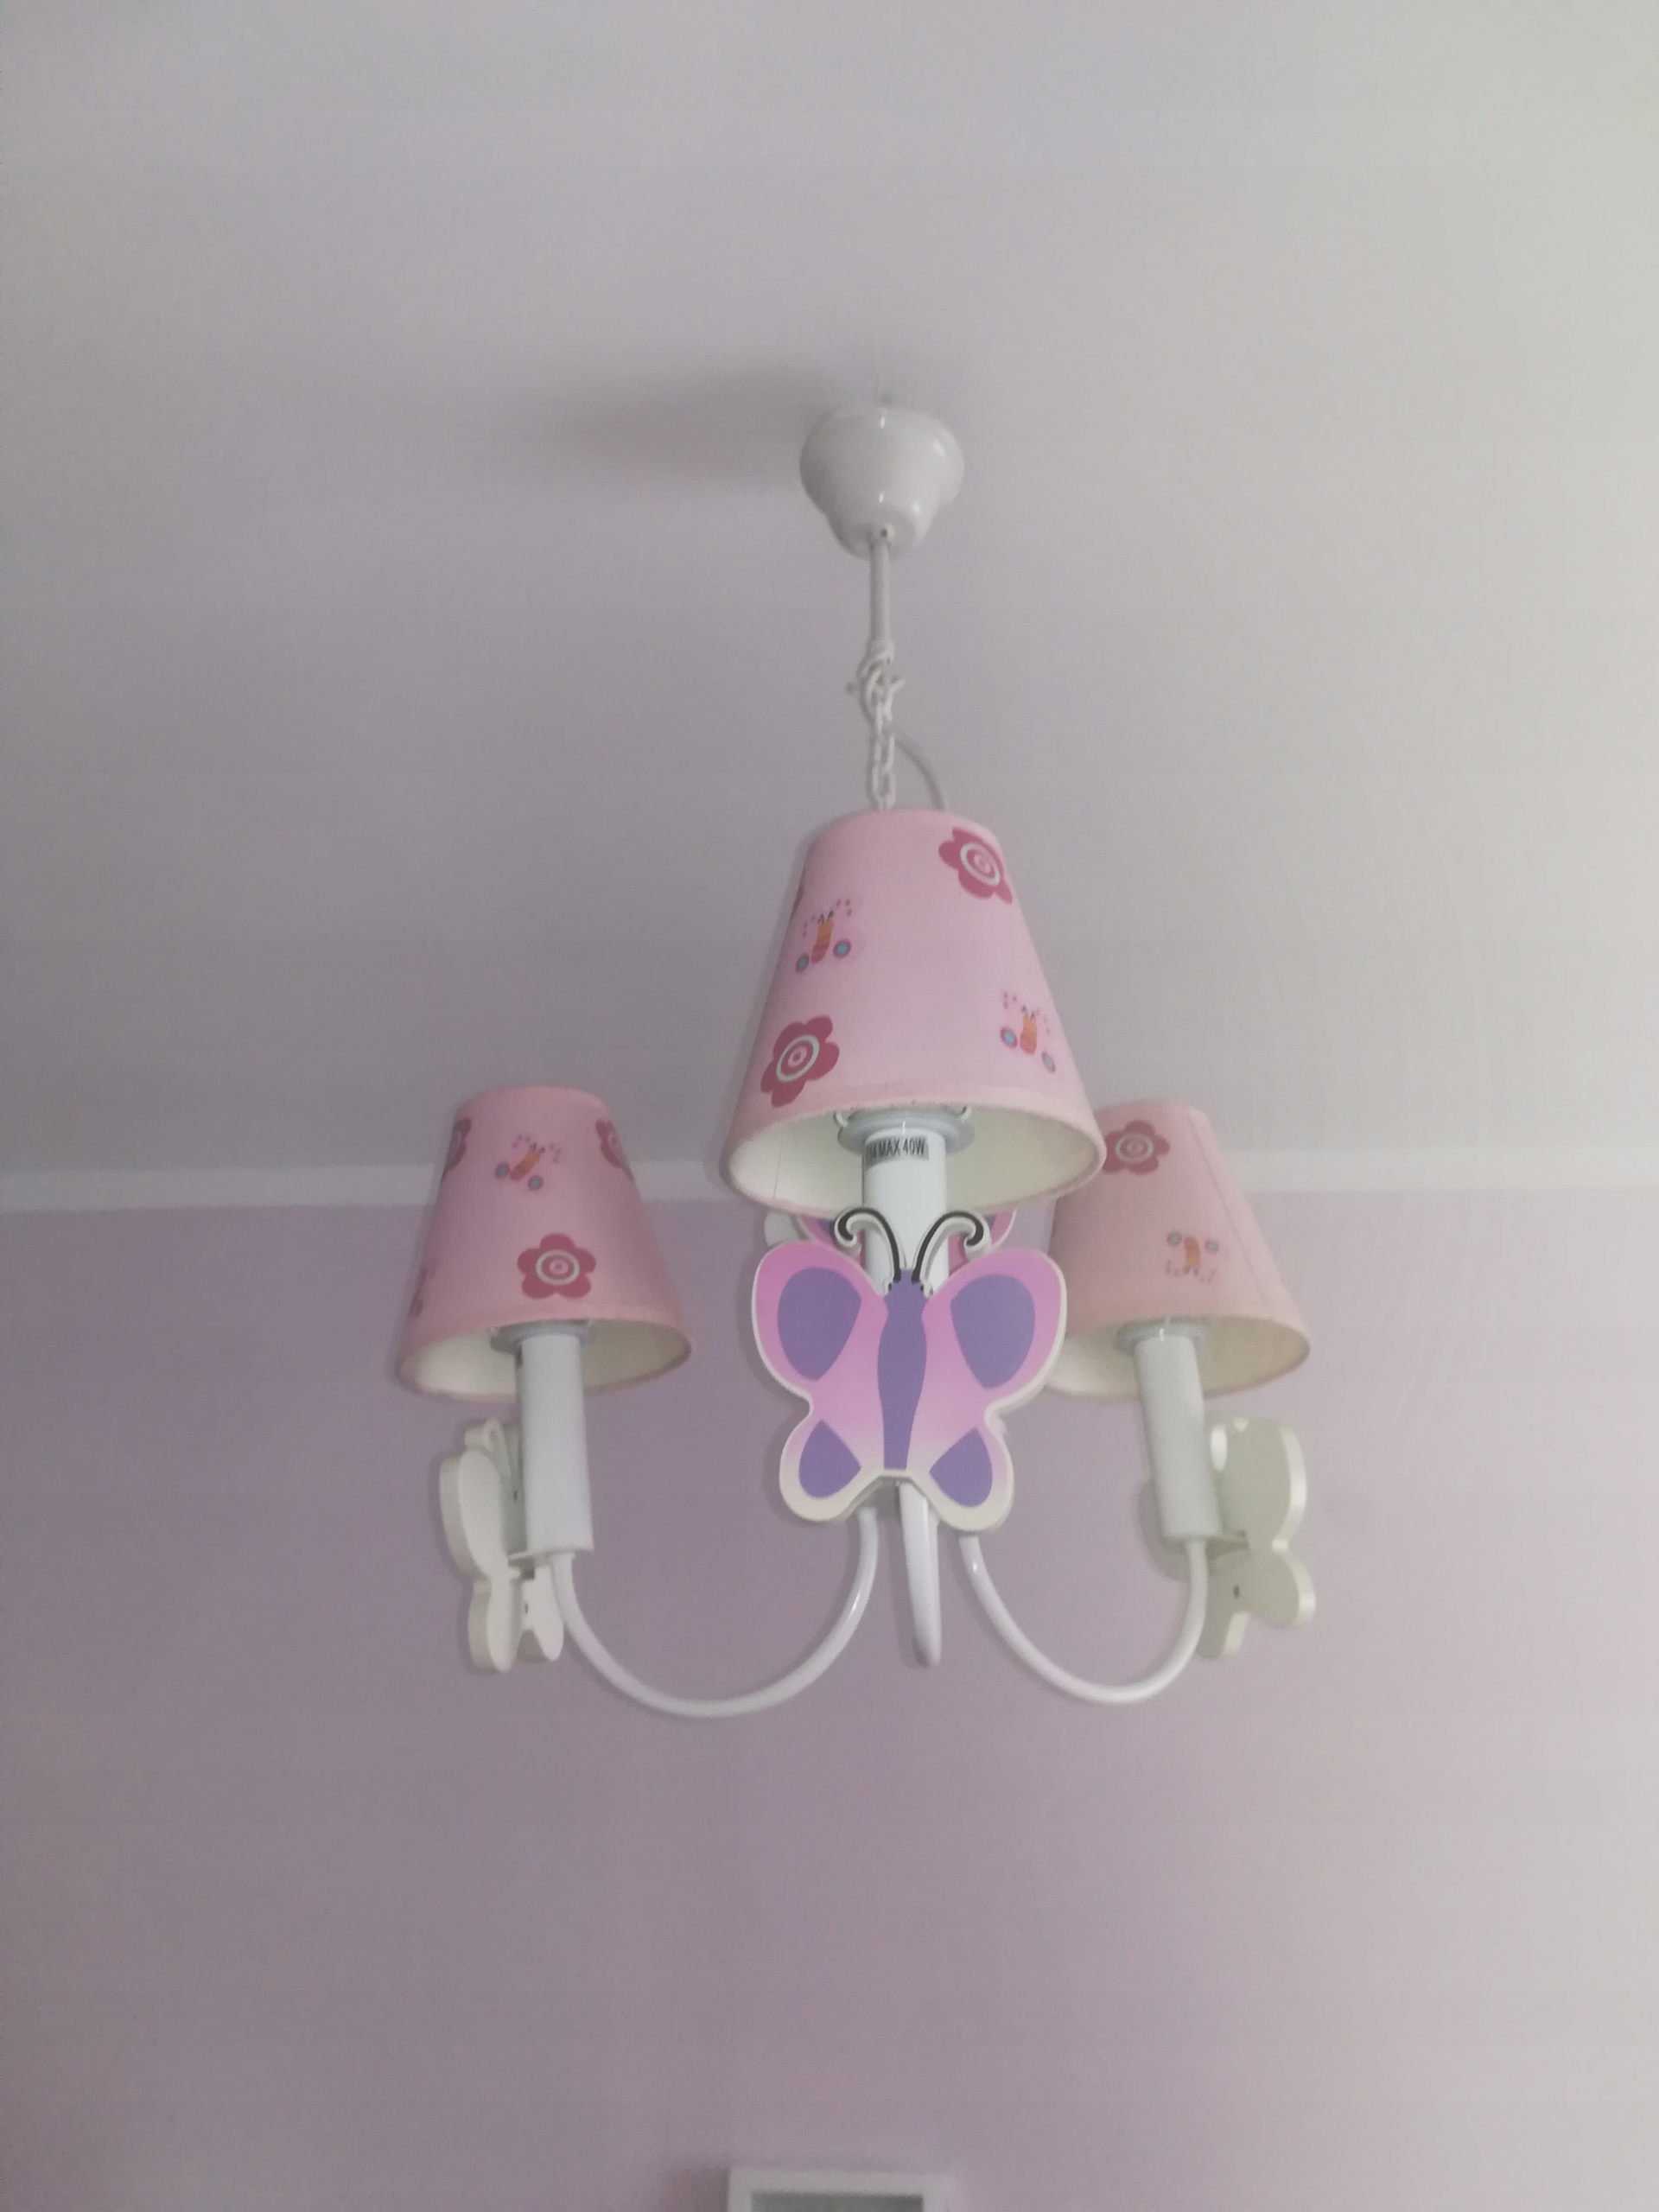 Lampa Do Pokoju Dziewczynki 7485440249 Oficjalne Archiwum Allegro